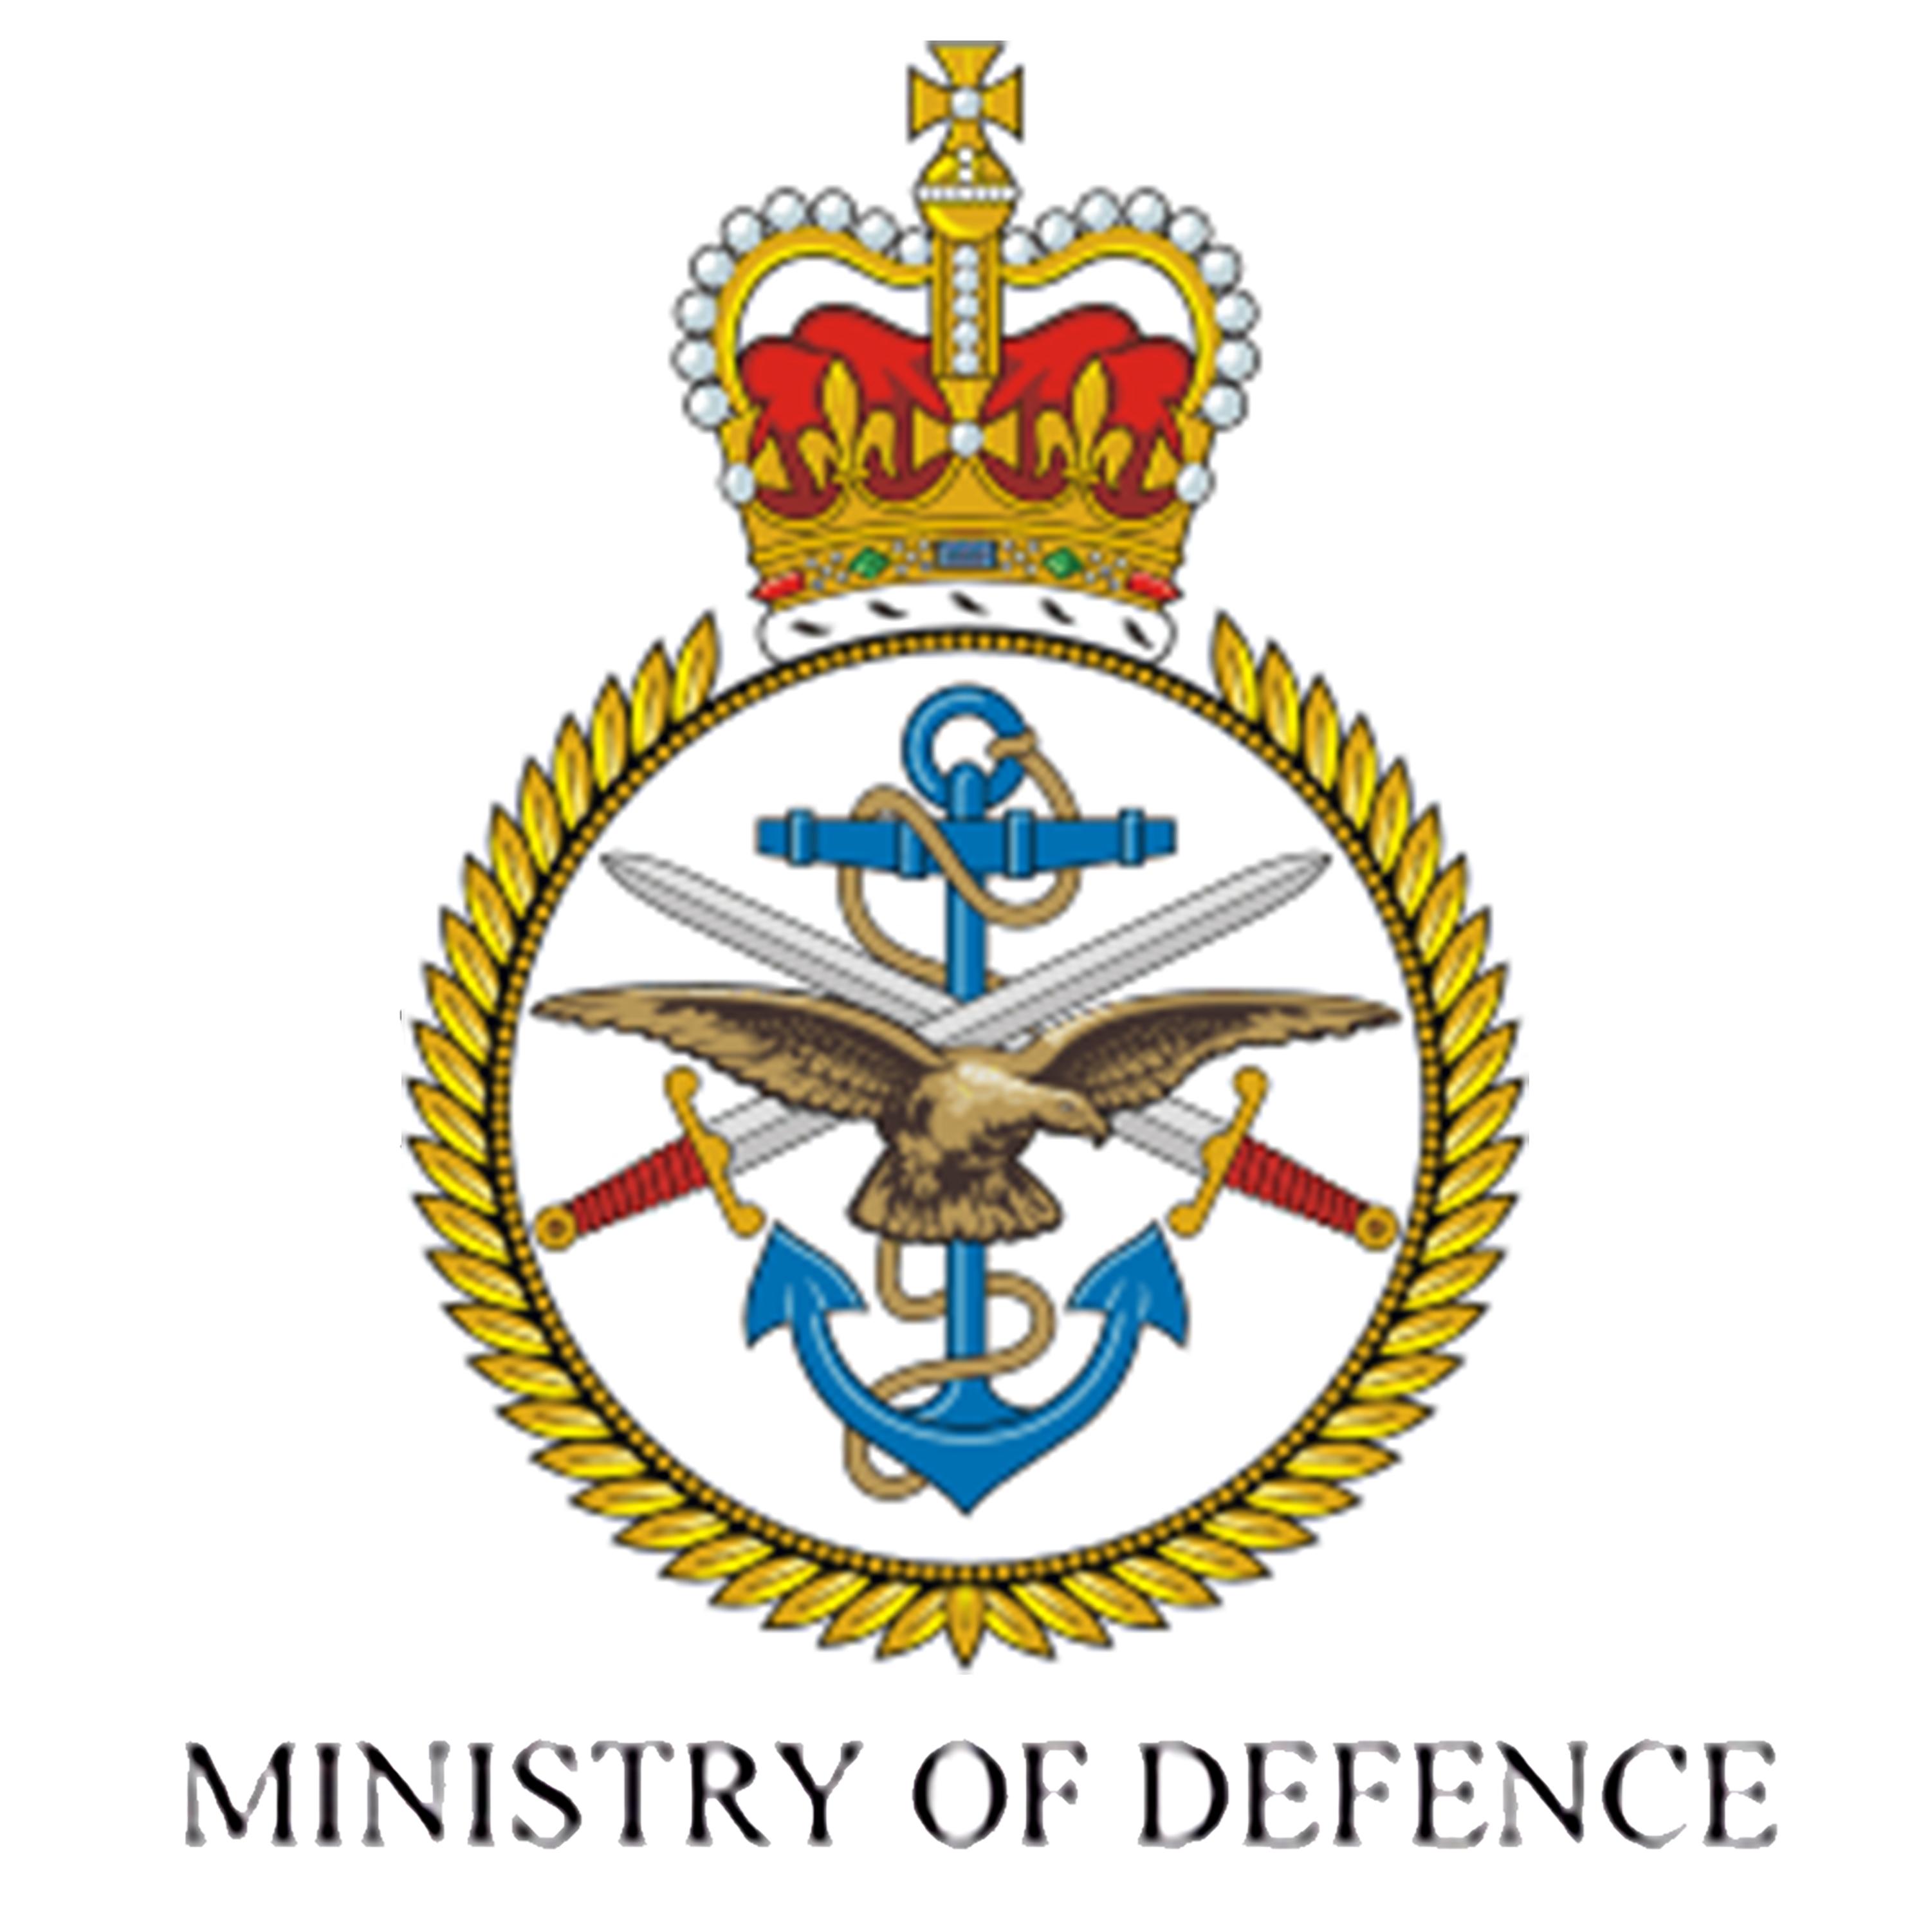 https://0201.nccdn.net/1_2/000/000/113/b9e/ministry-of-defence-lrg-logo.jpg